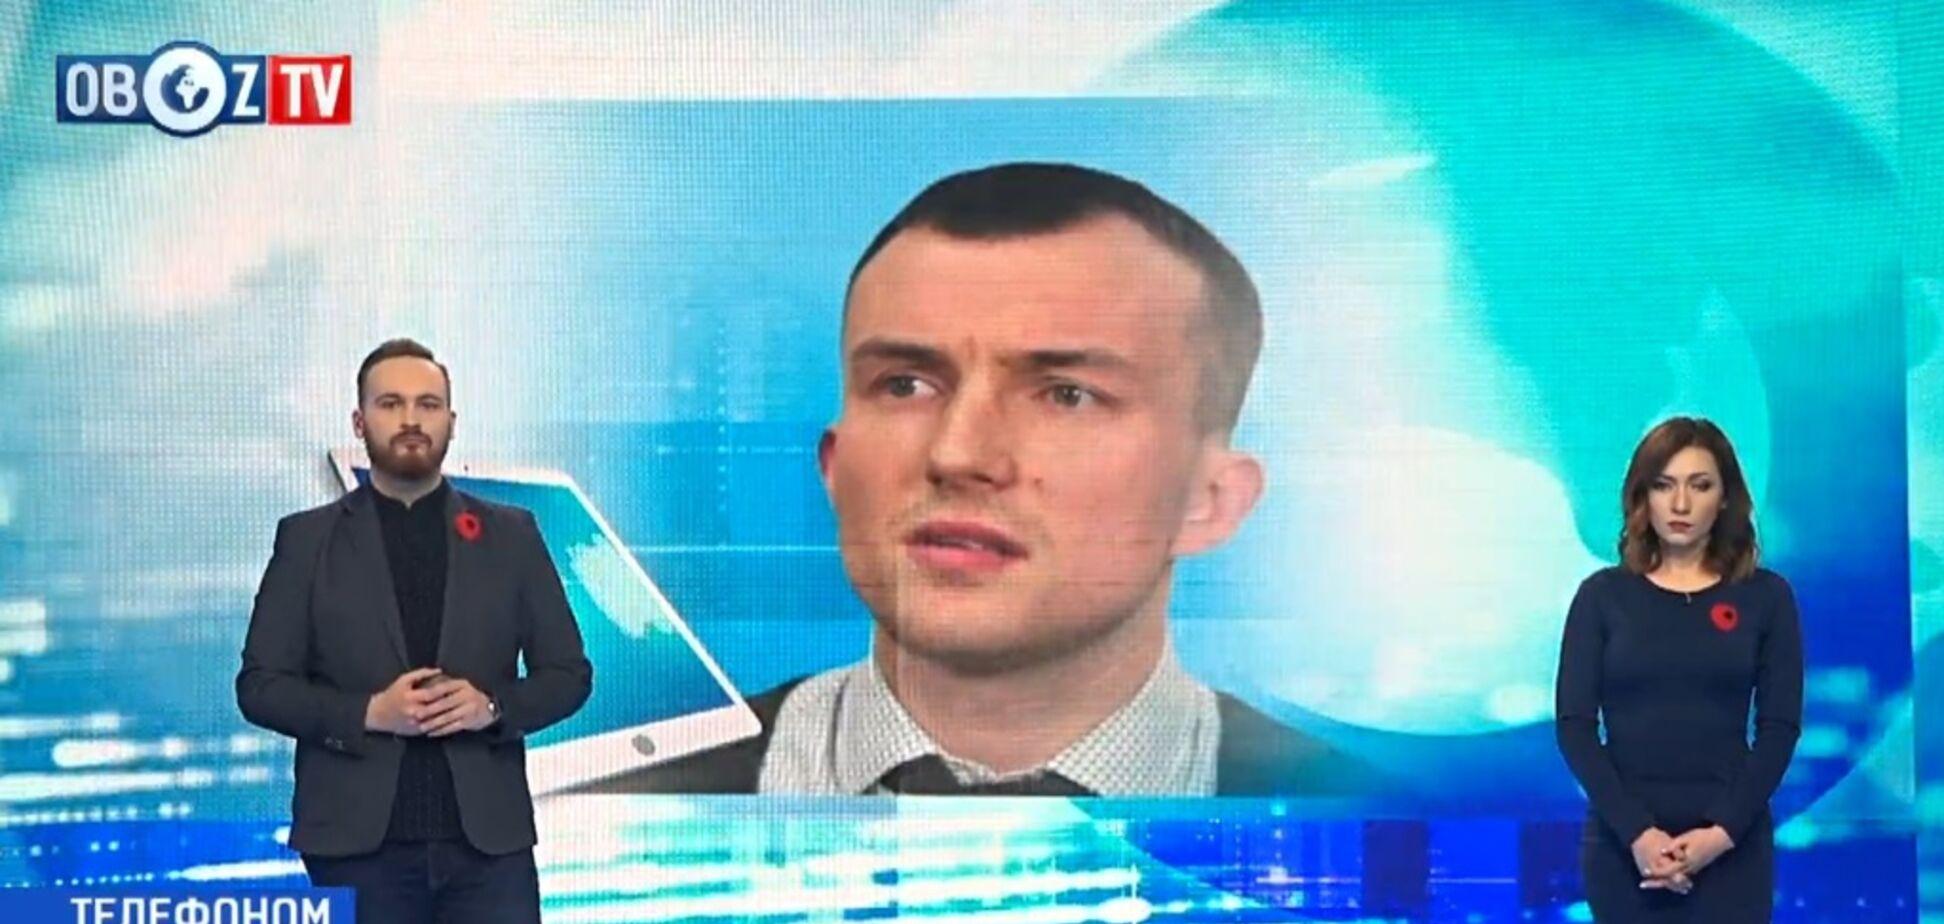 Очікування від Антикорупційного суду в Україні: перші прогнози